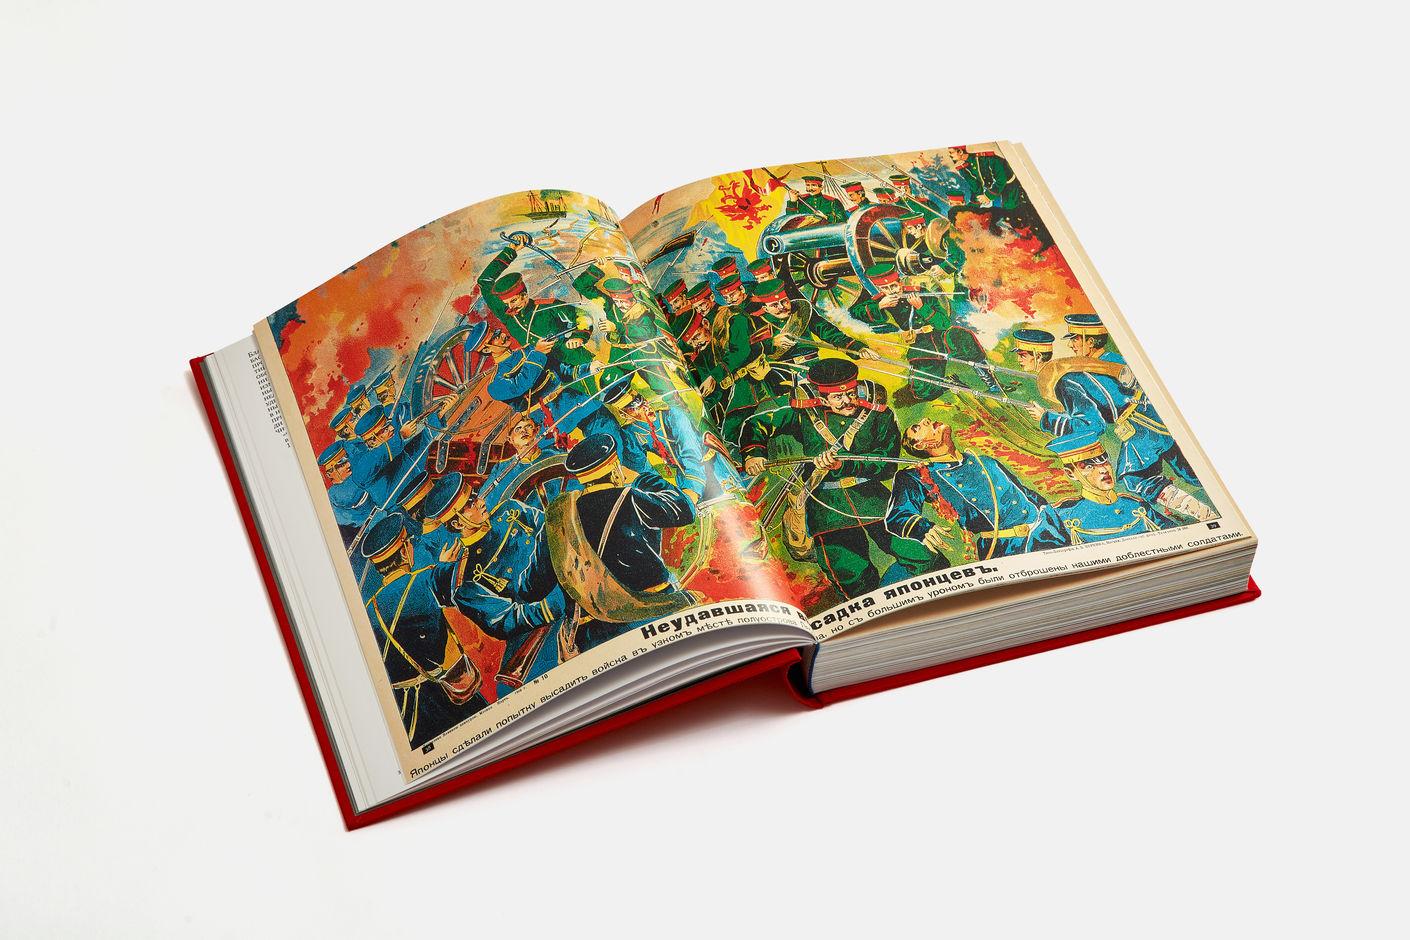 Подарочная книга Россия 20-й век, 2003, Агей Томеш, Лаборатория дизайна НИУ ВШЭ